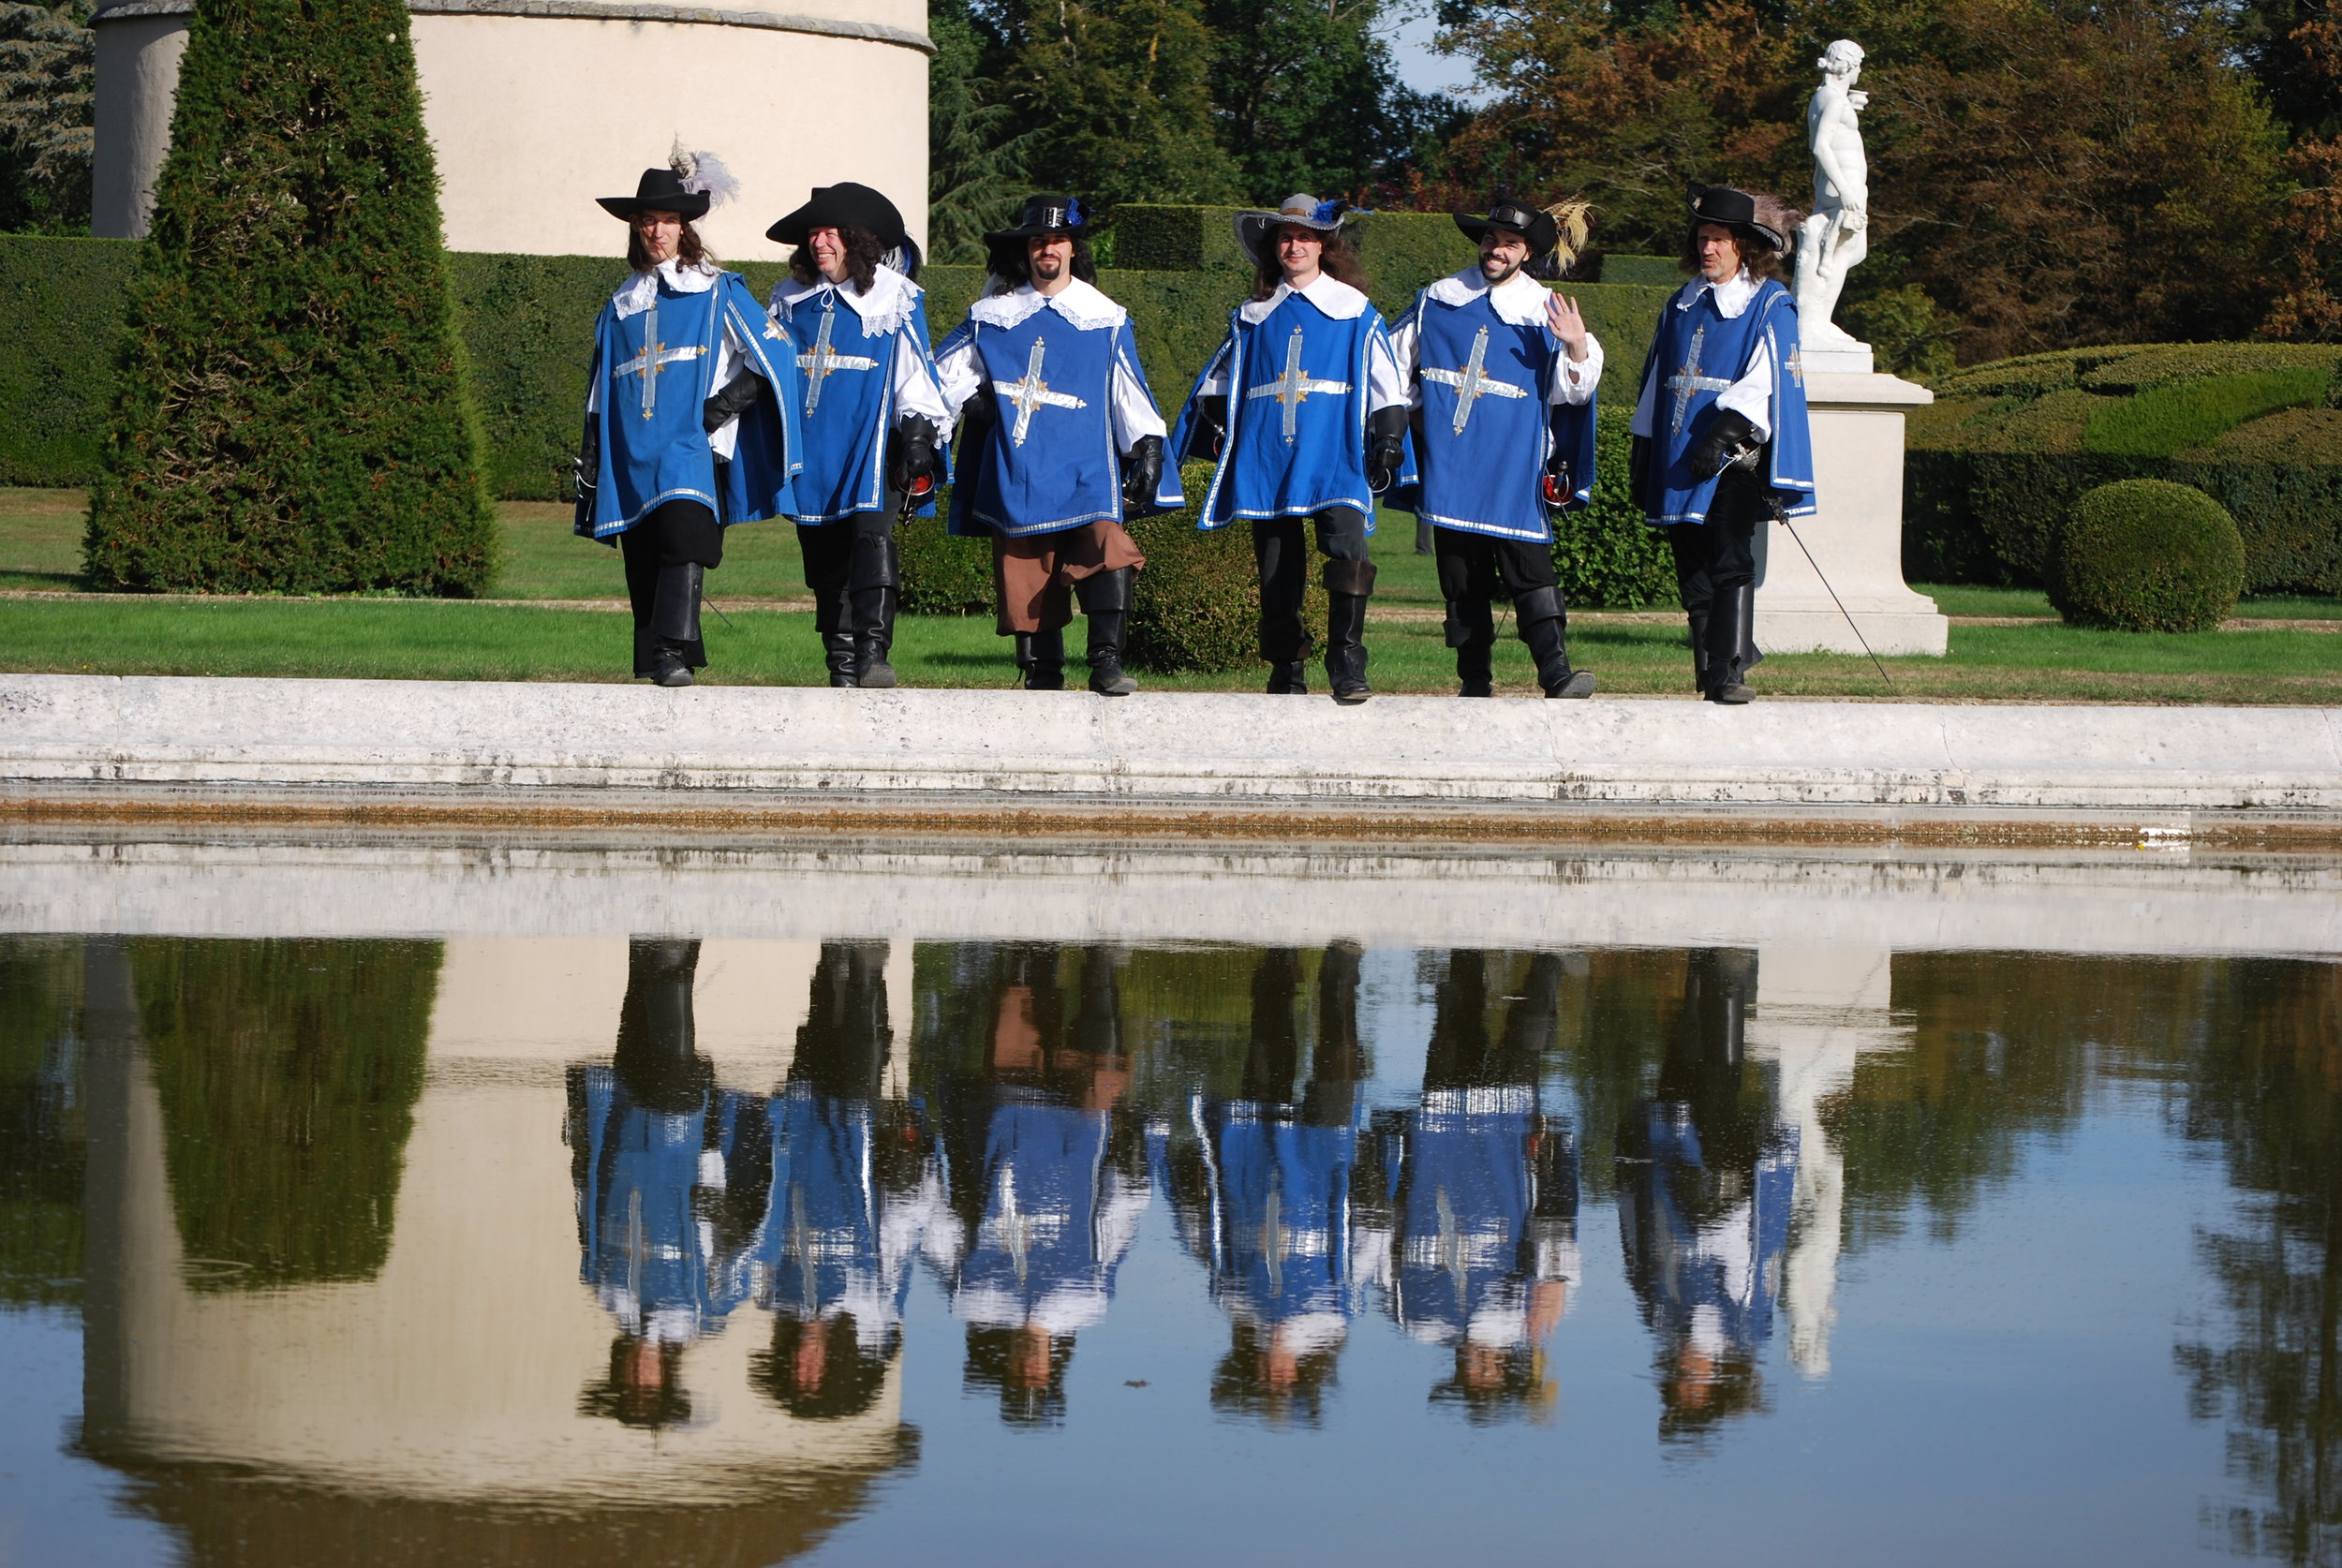 Les trois mousquetaires - Château de Breteuil - Septembre 2016